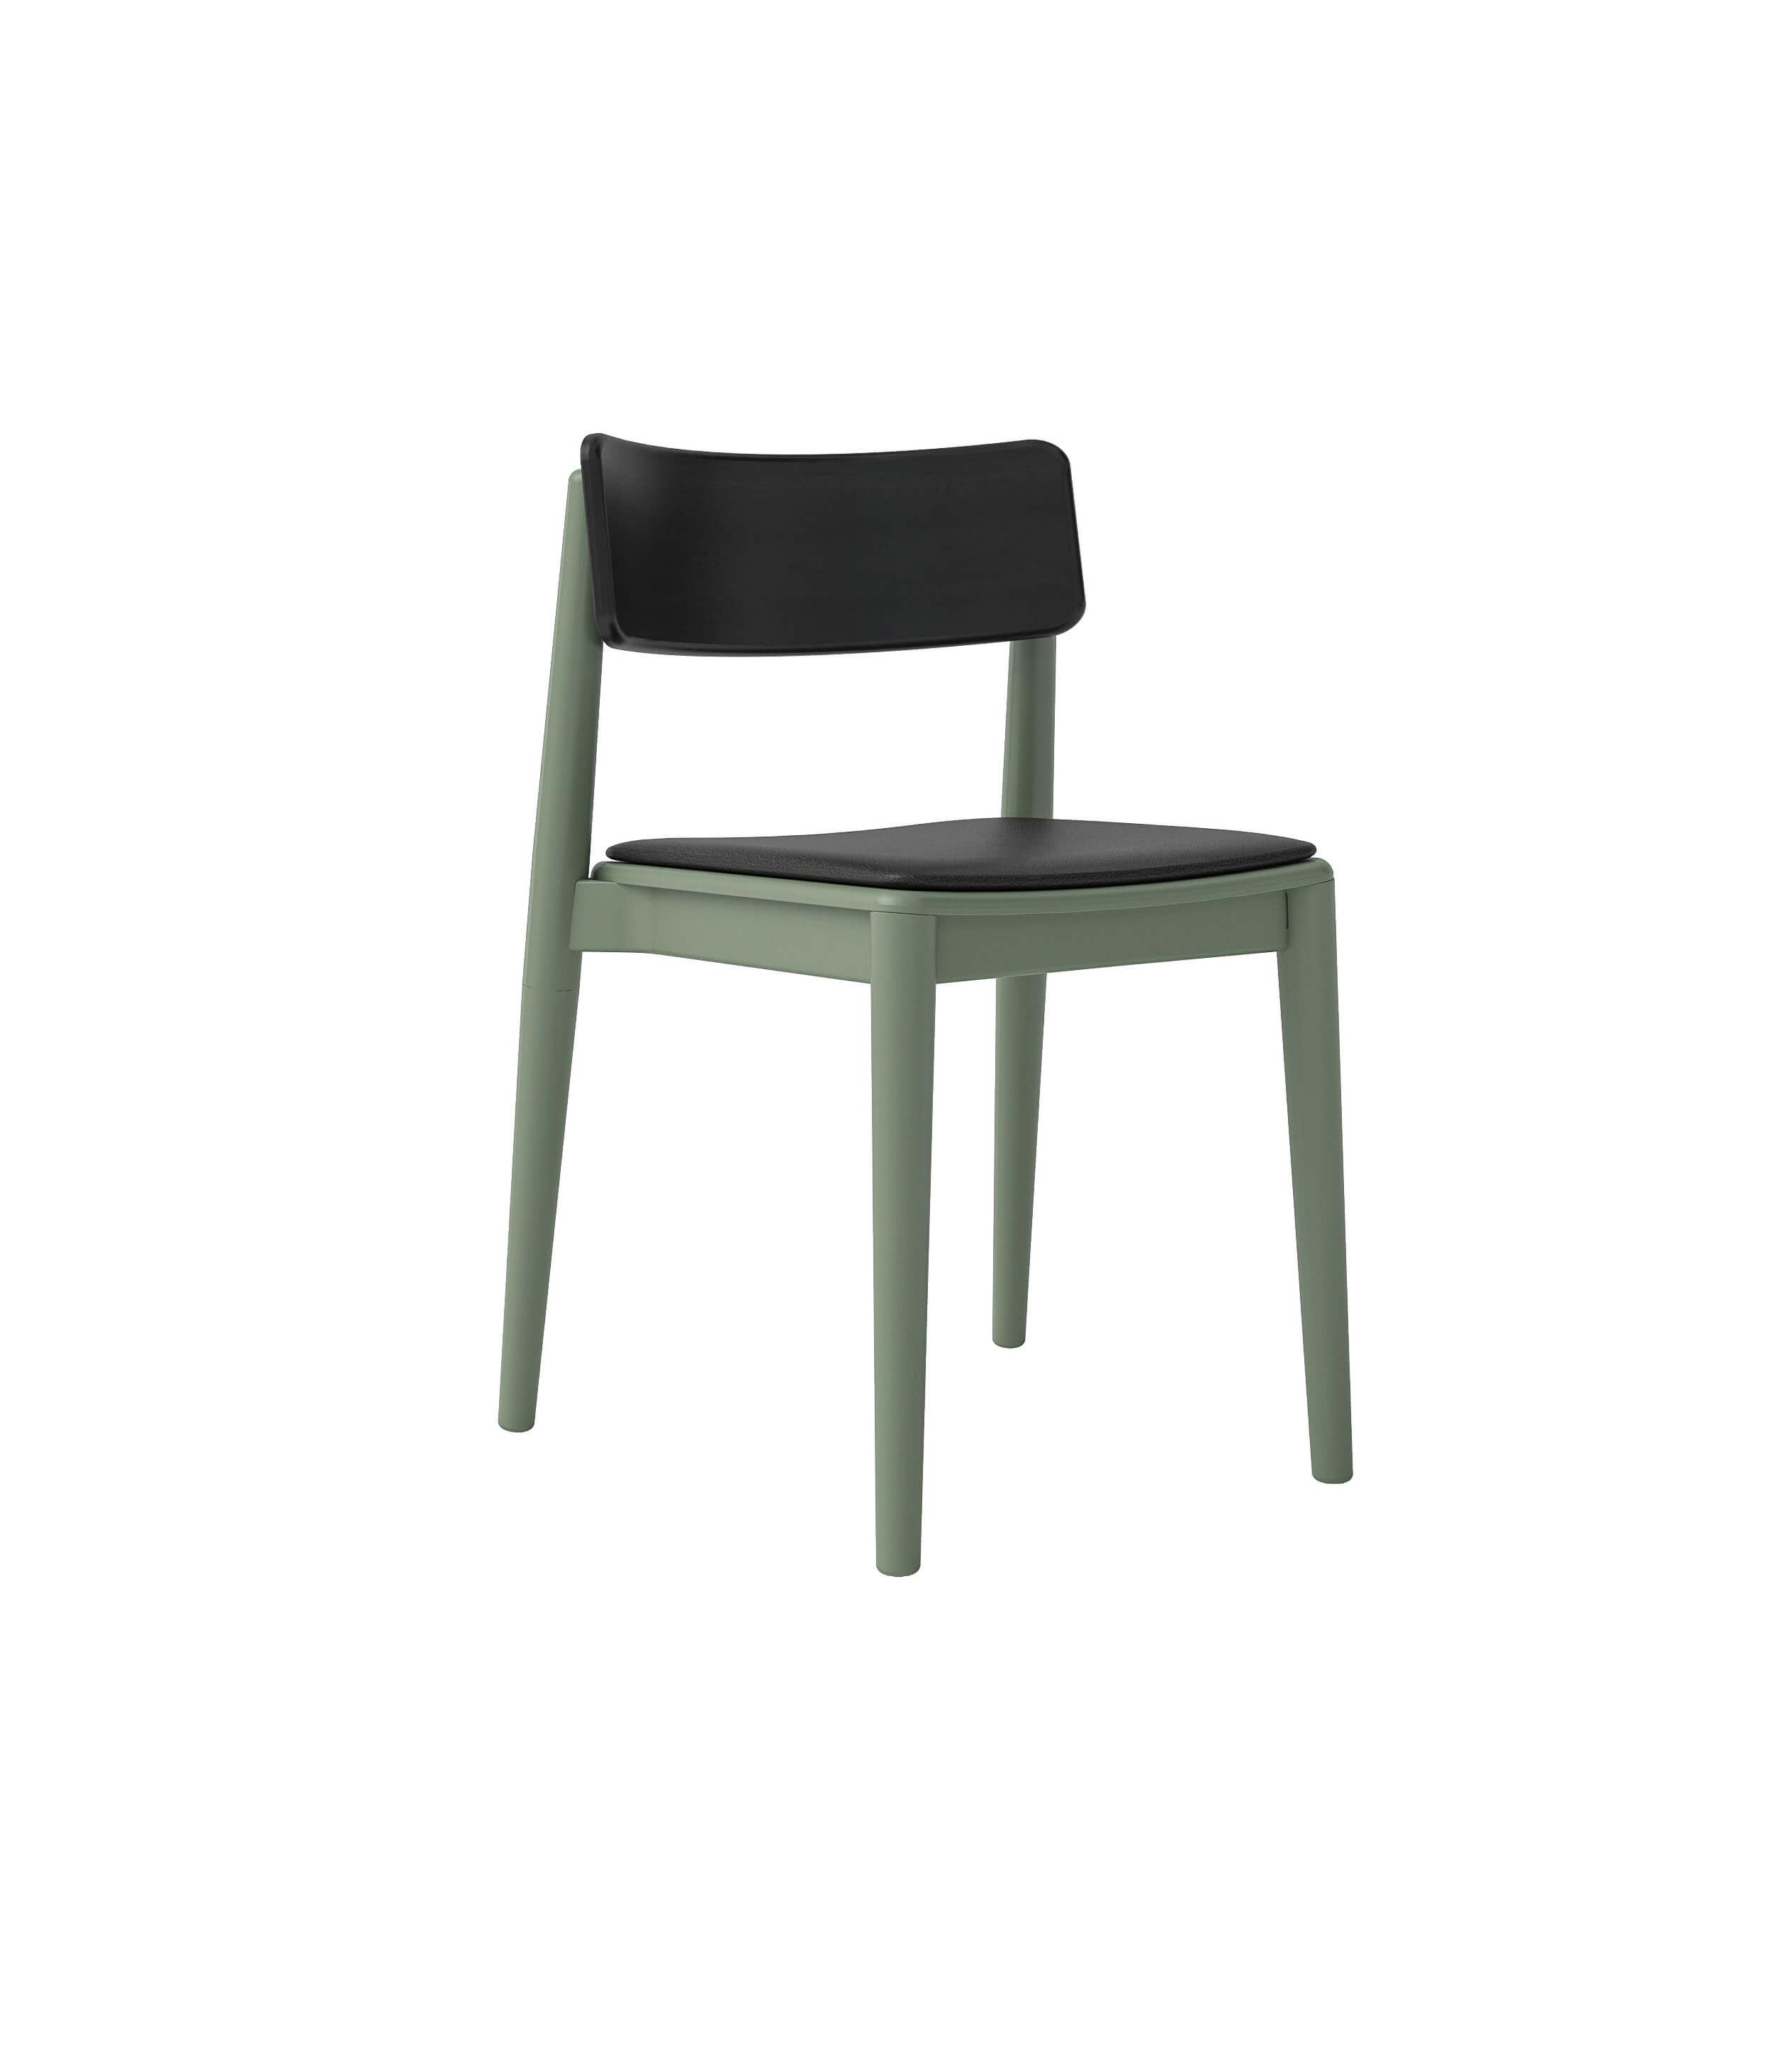 szare drewniane skandynawskie krzesło